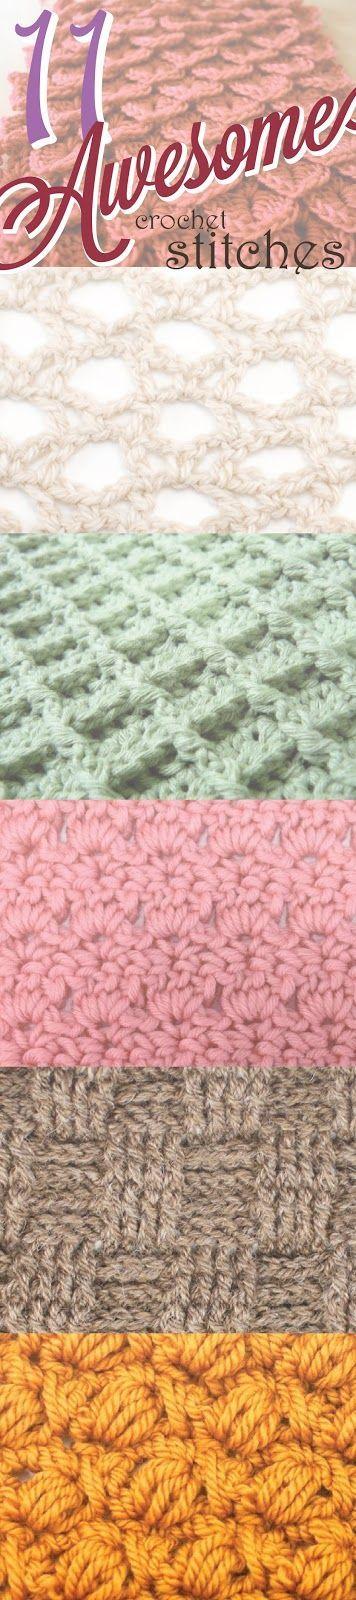 Awesome Crochet Stitches | Häkeltechniken und Muster | Pinterest ...